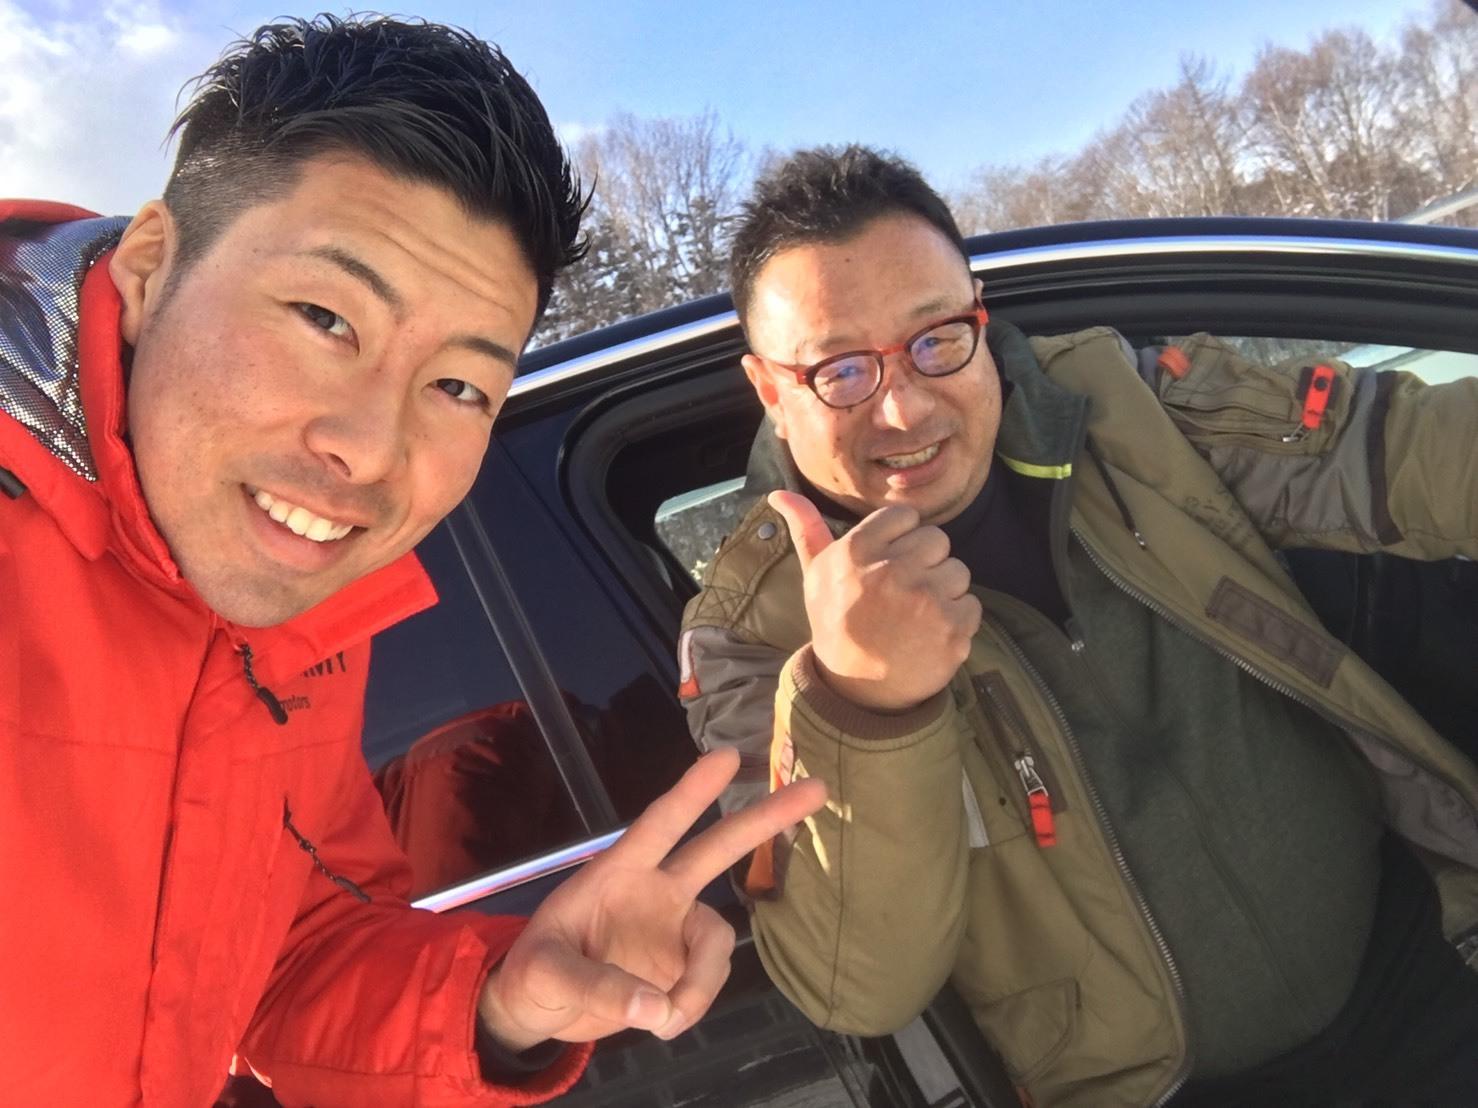 1月29日(月)トミーベース カスタムブログ☆新型ヴェルファイア LS460ご成約☆A様BMW納車☆_b0127002_10522202.jpg